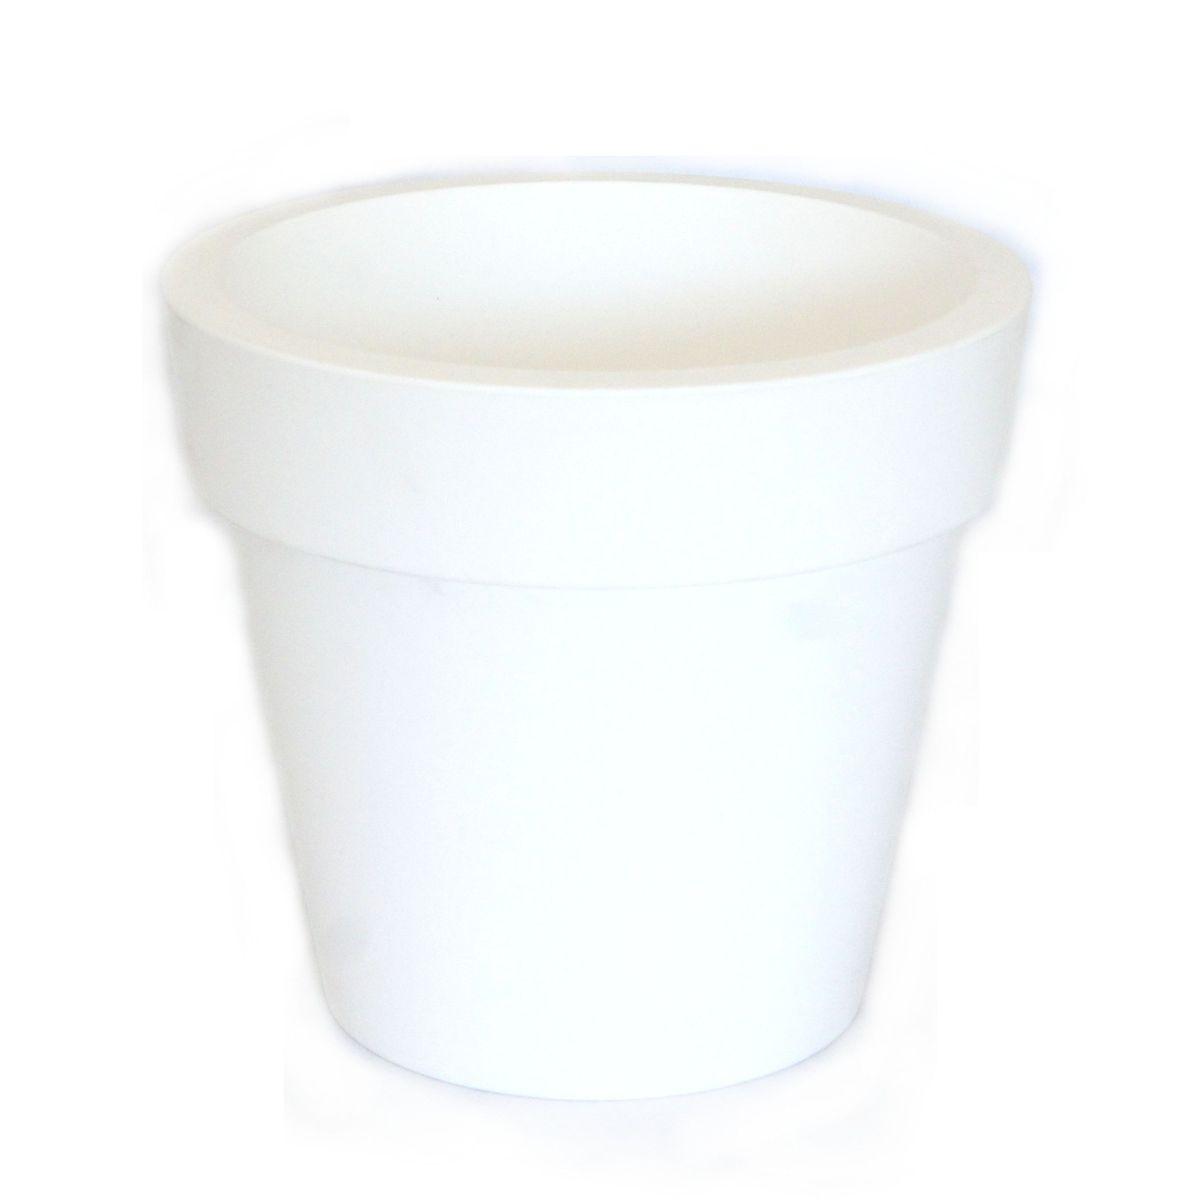 Кашпо JetPlast Порто, со вставкой, цвет: белый, 6 л4612754052943Кашпо Порто классической формы с внутренней вставкой-горшком. Дренажная вставка позволяет легко поливать растения без использования дополнительного поддона. Вместительный объем кашпо позволяет высаживать самые разнообразные растения, а съемная вставка избавит вас от грязи и подчеркнет красоту цветка. Оно изготовлено из прочного полипропилена (пластика). Такое кашпо порадует вас функциональностью, а благодаря лаконичному дизайну впишется в любой интерьер помещения. Объем кашпо: 6 л.